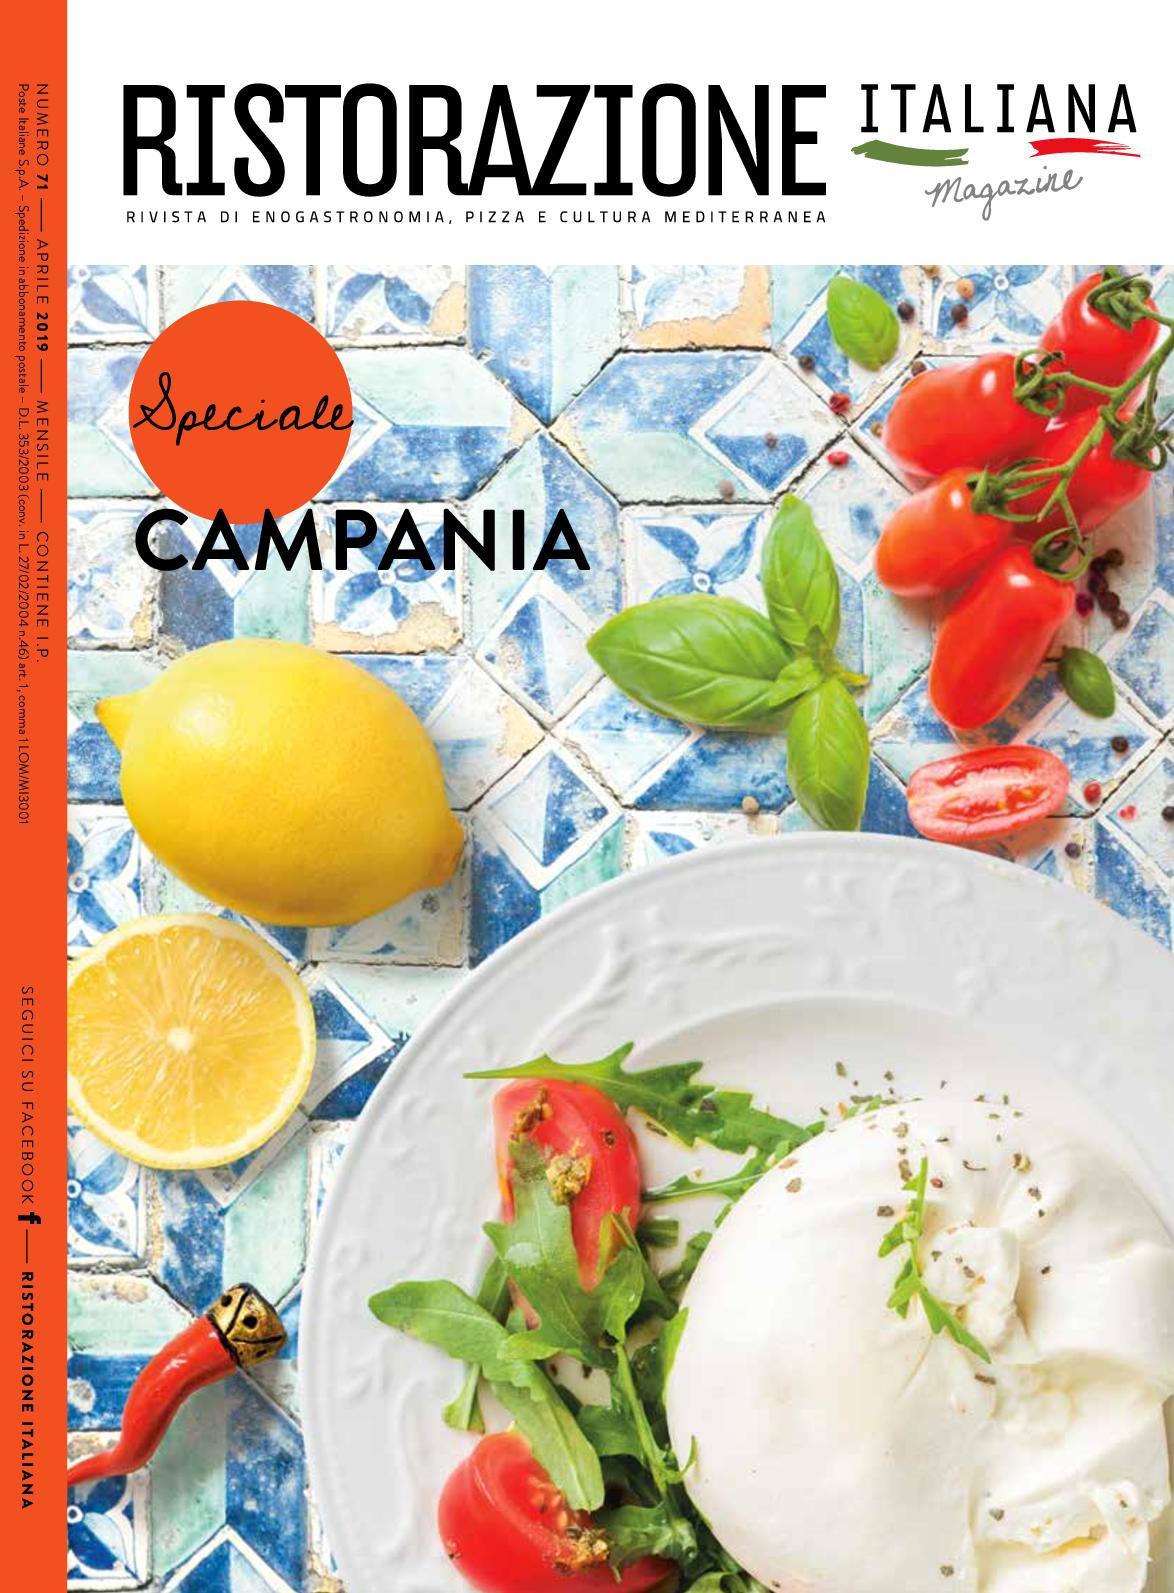 Piatti Freddi Veloci Da Asporto calaméo - ristorazione italiana magazine n.71 :: aprile 2019